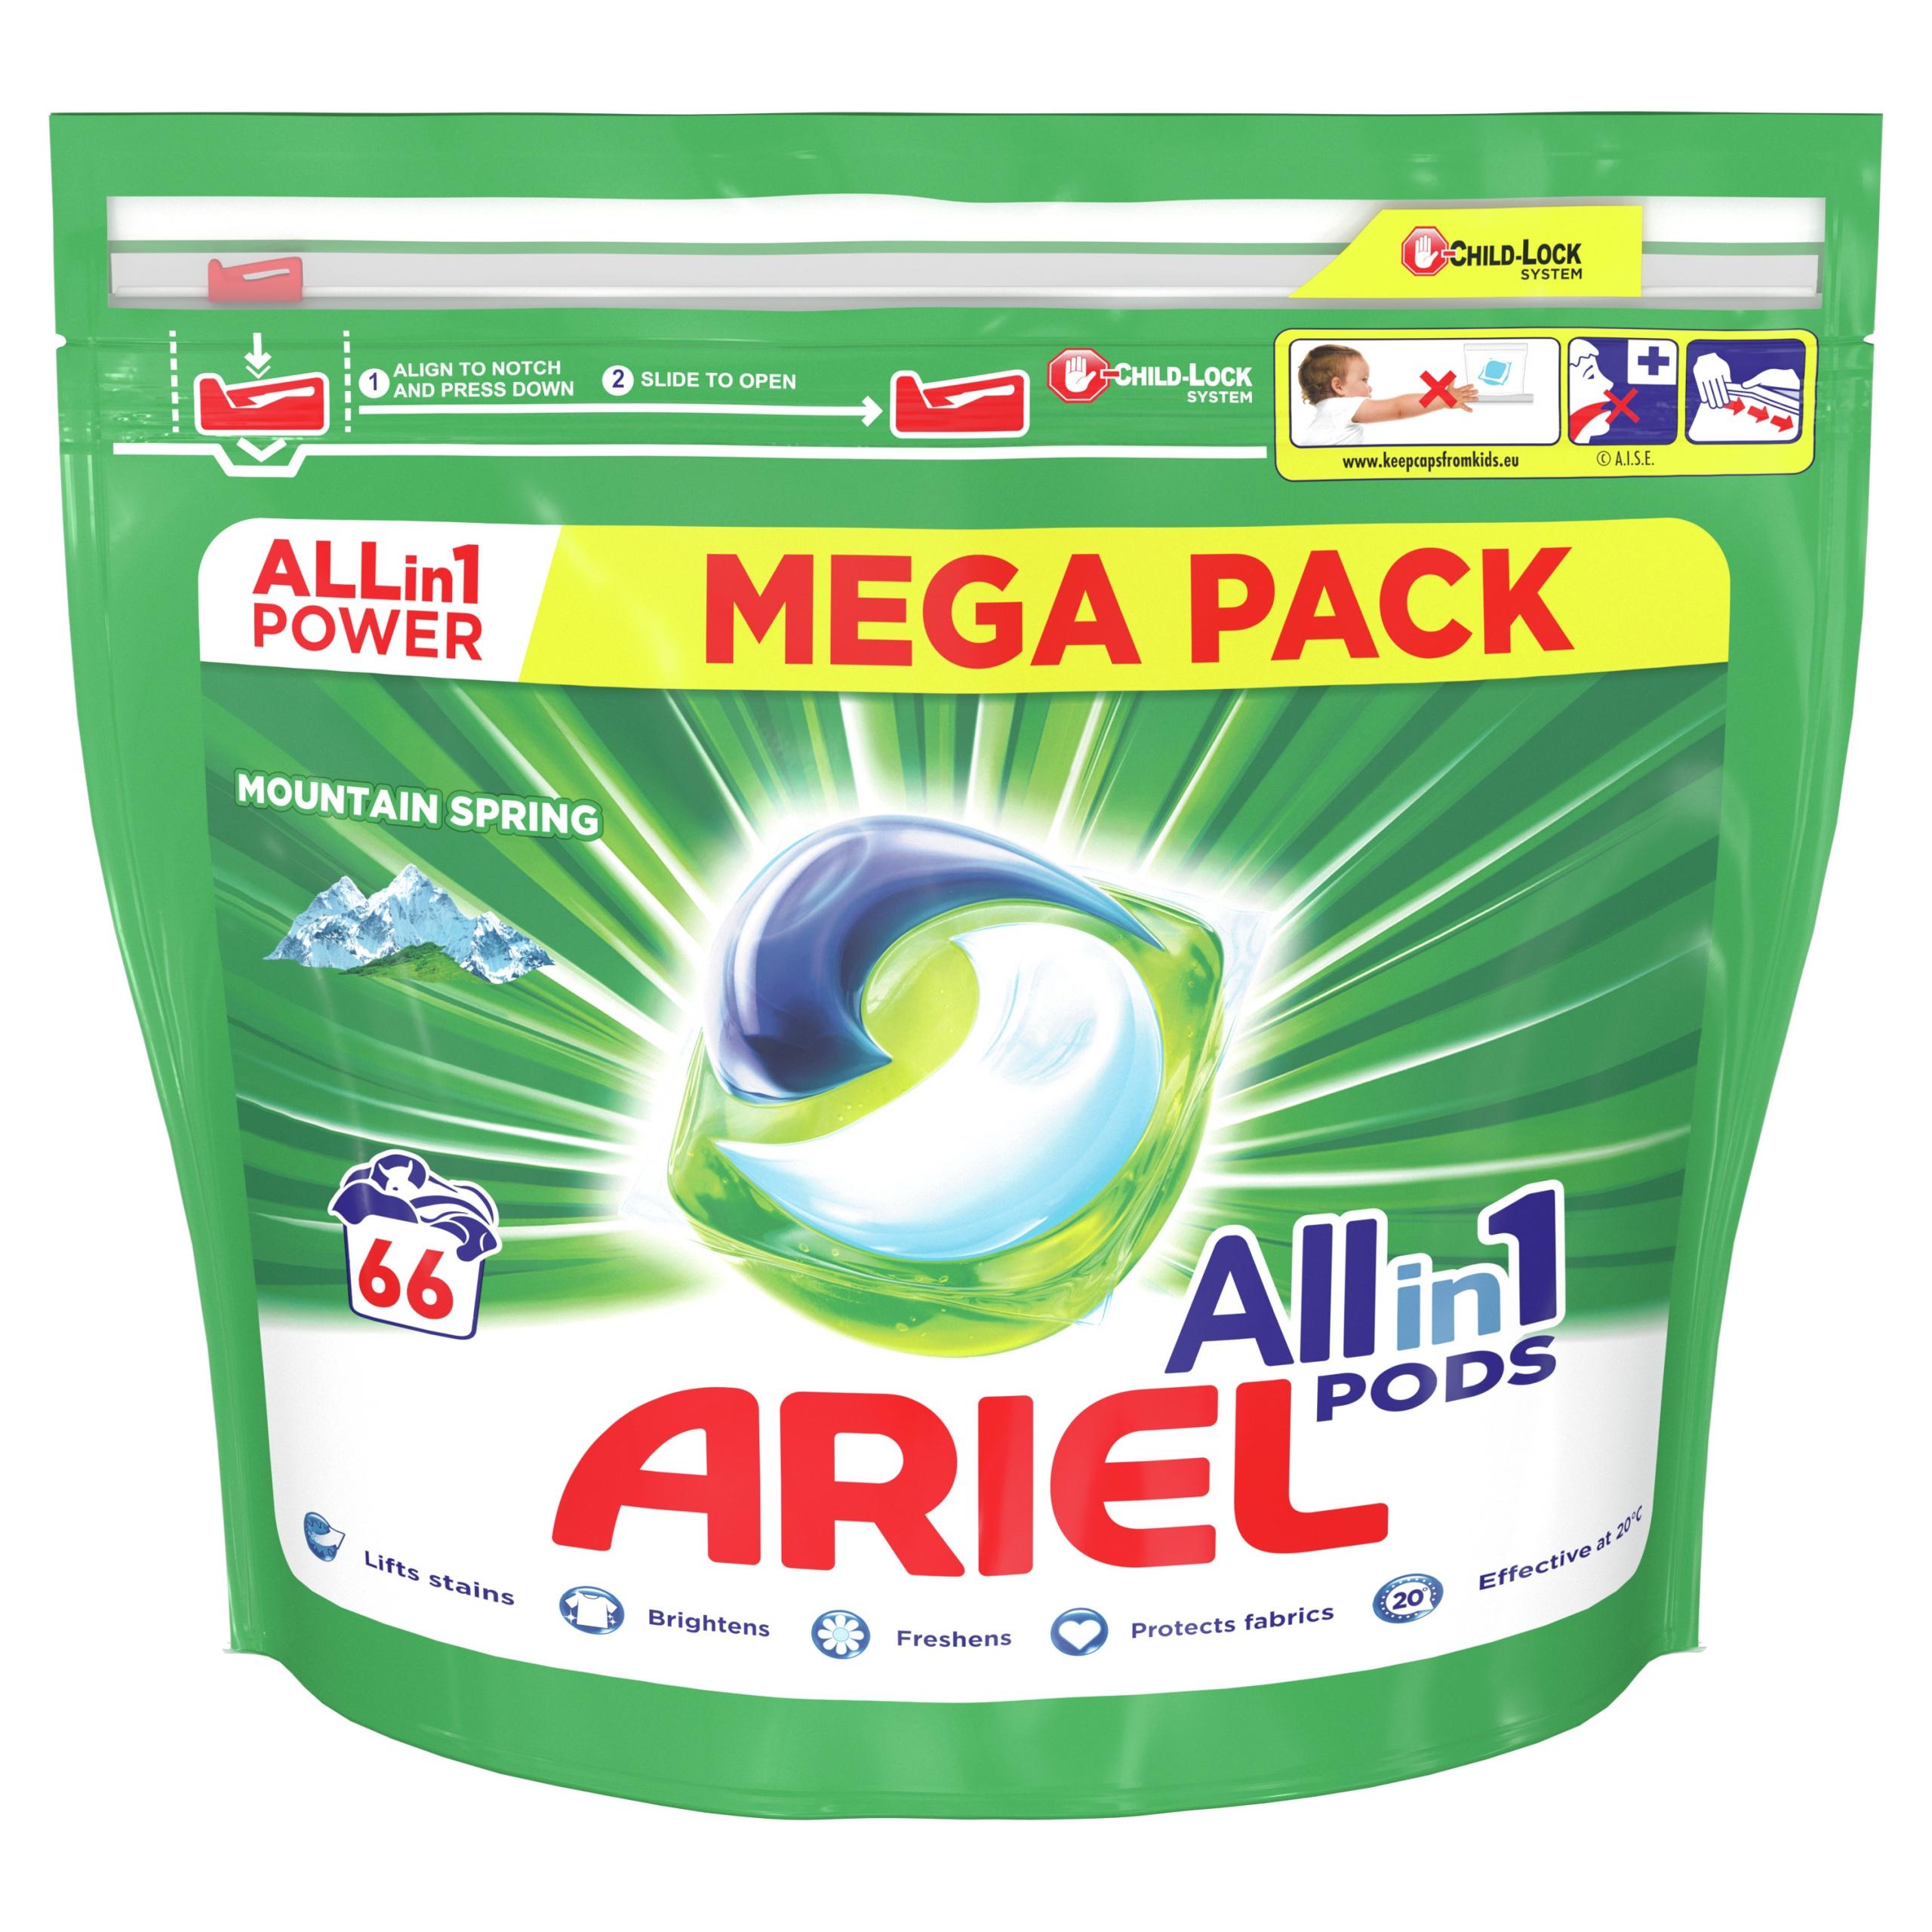 Ariel kapsułki do prania Mountain Spring 66 szt